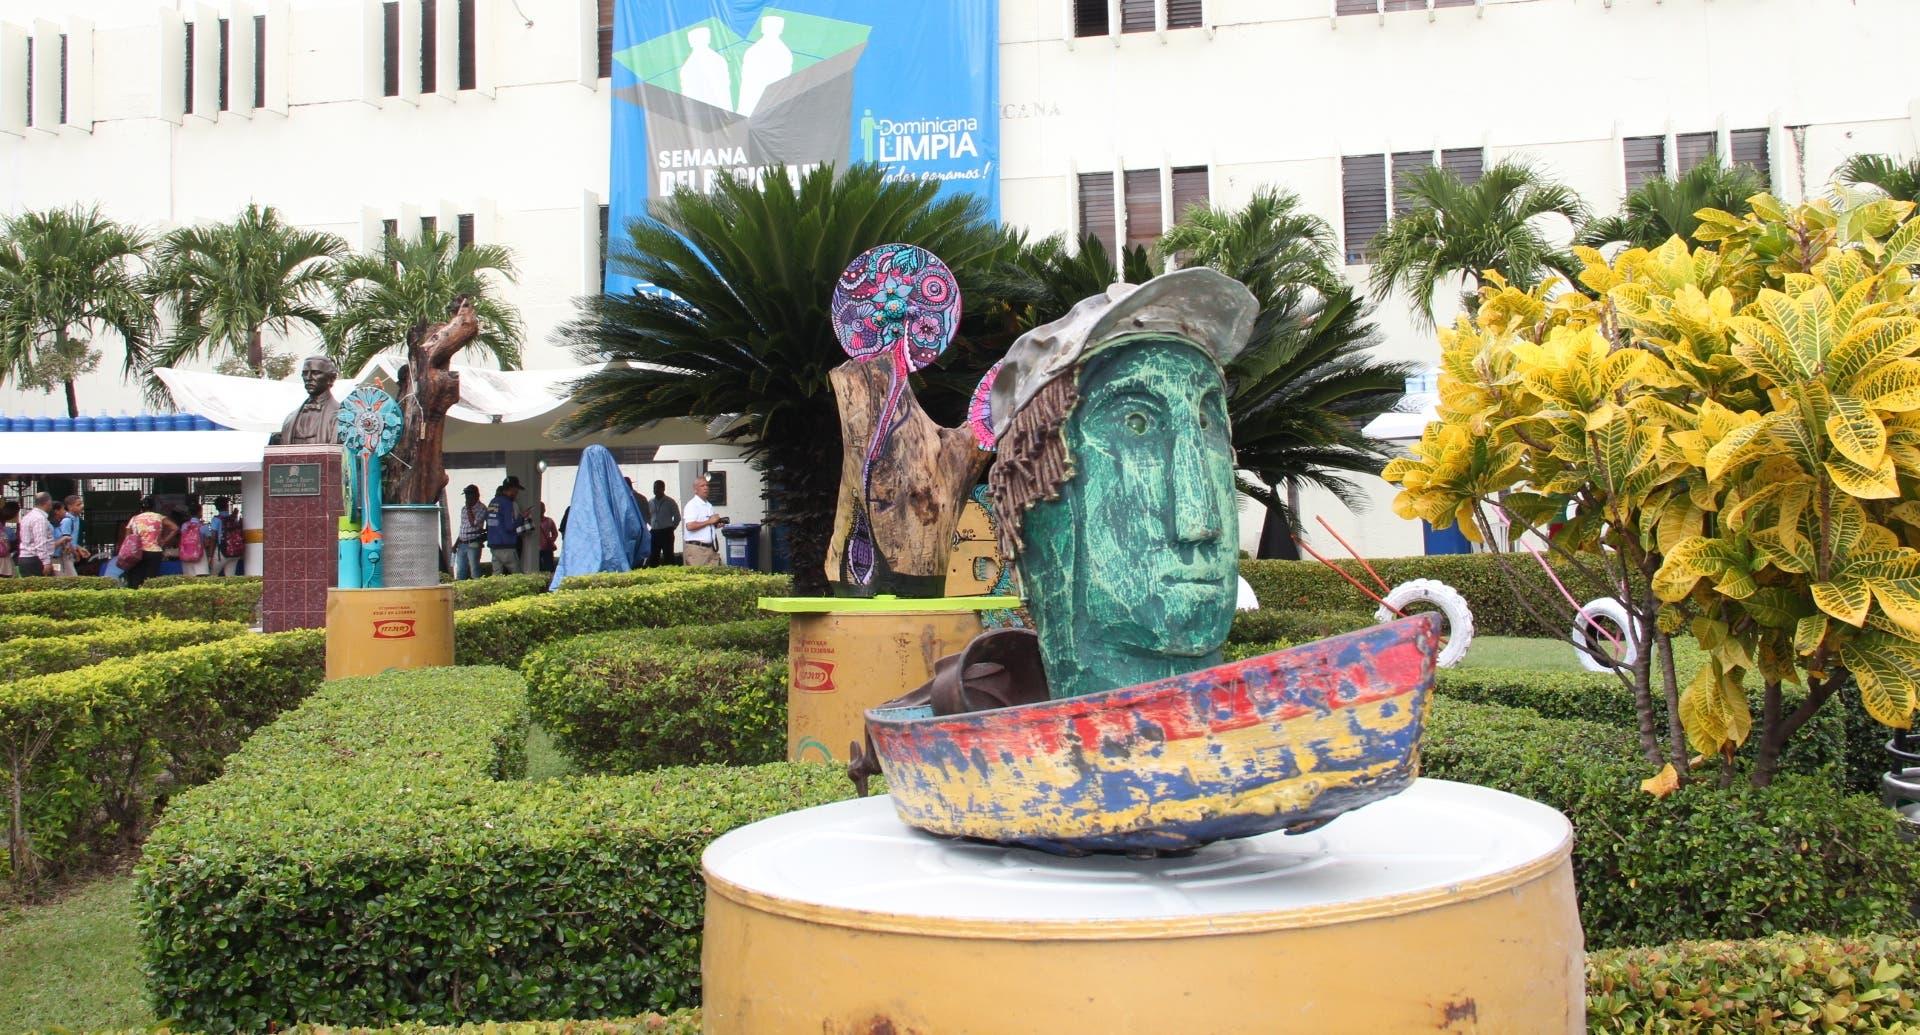 Productos de materiales reciclados son exhibidos en feria en sede de la Liga Municipal